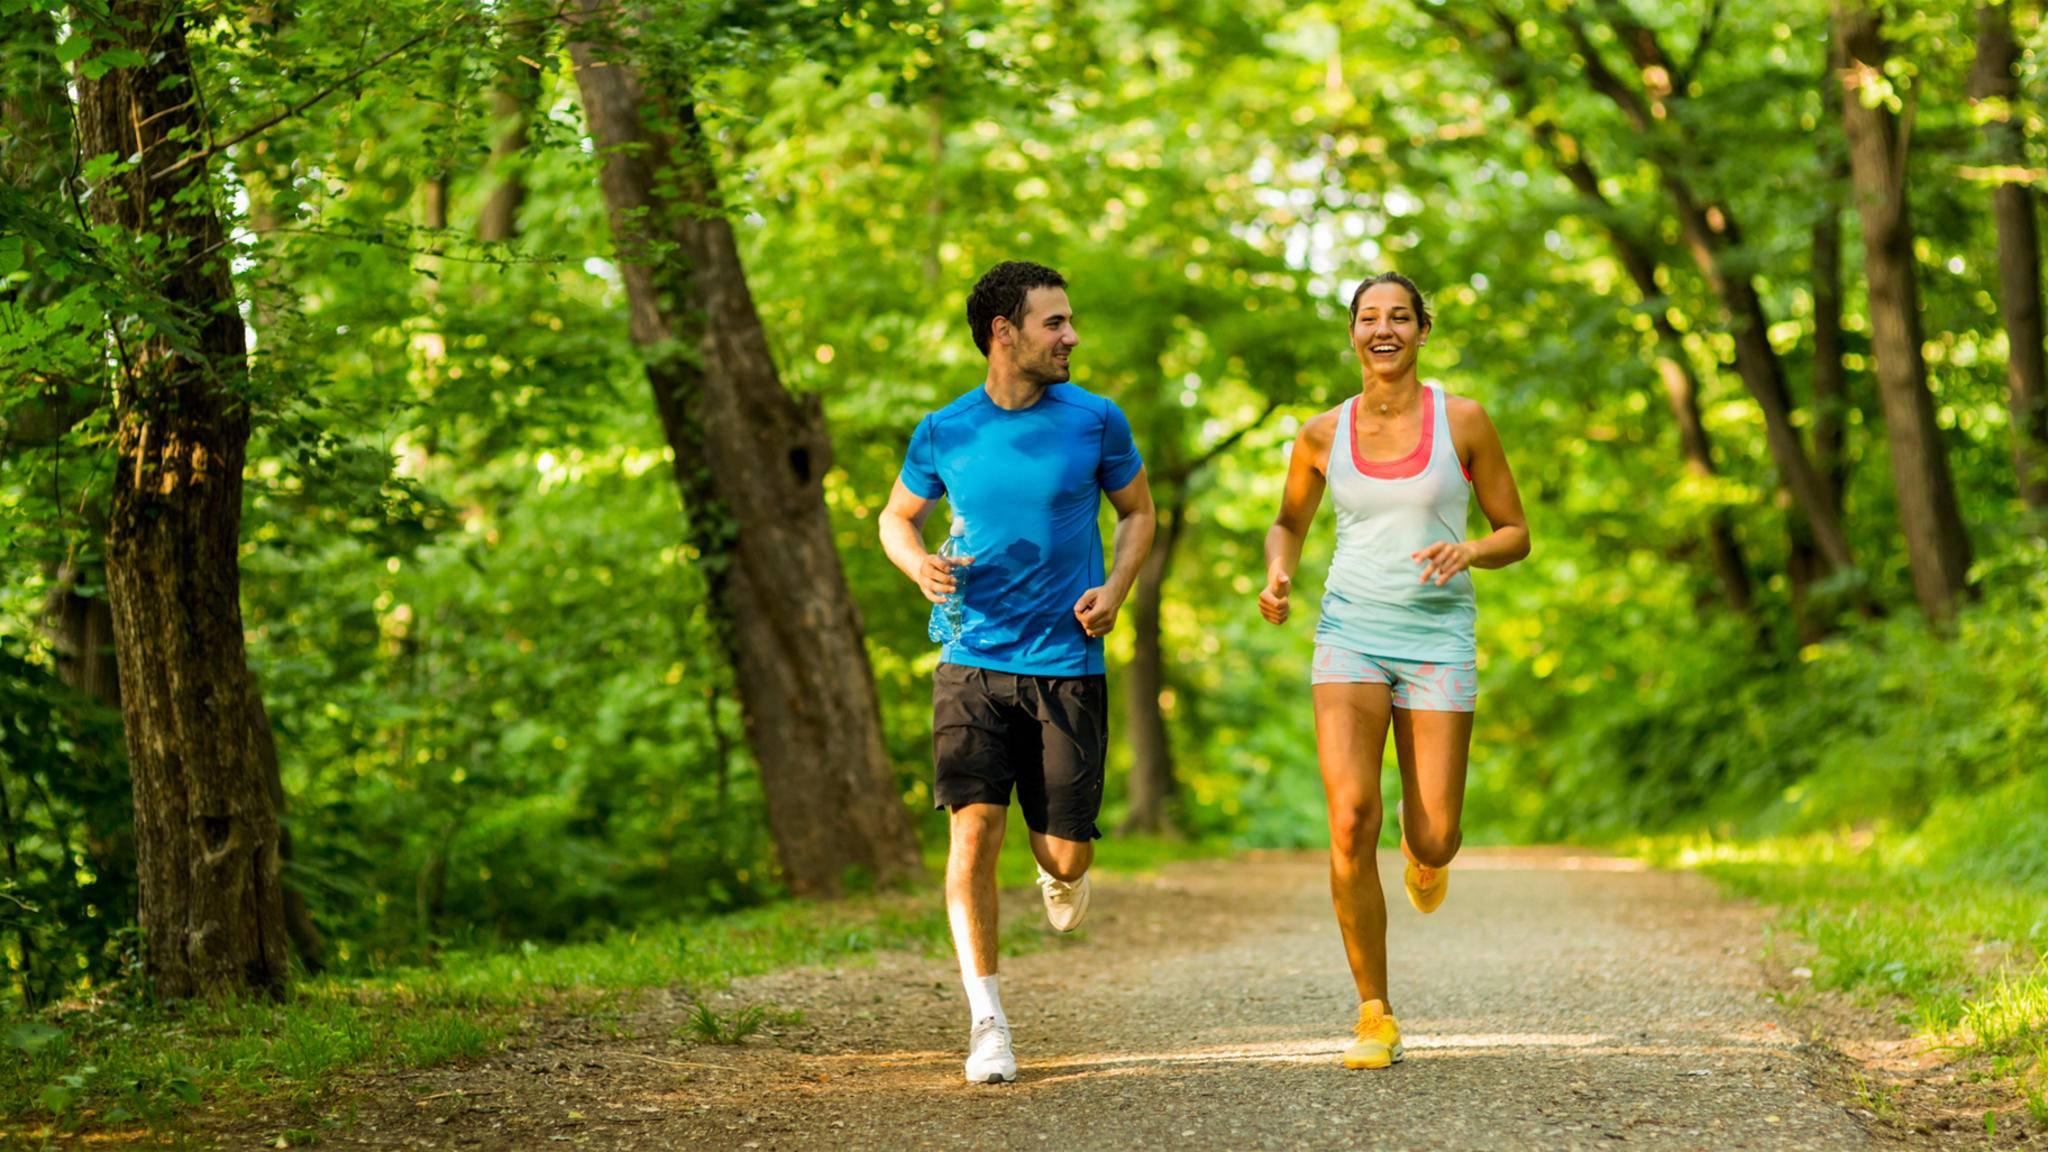 Nach einer Runde Joggen oder dem Training im Fitnessstudio ist die Stimmung gleich besser.